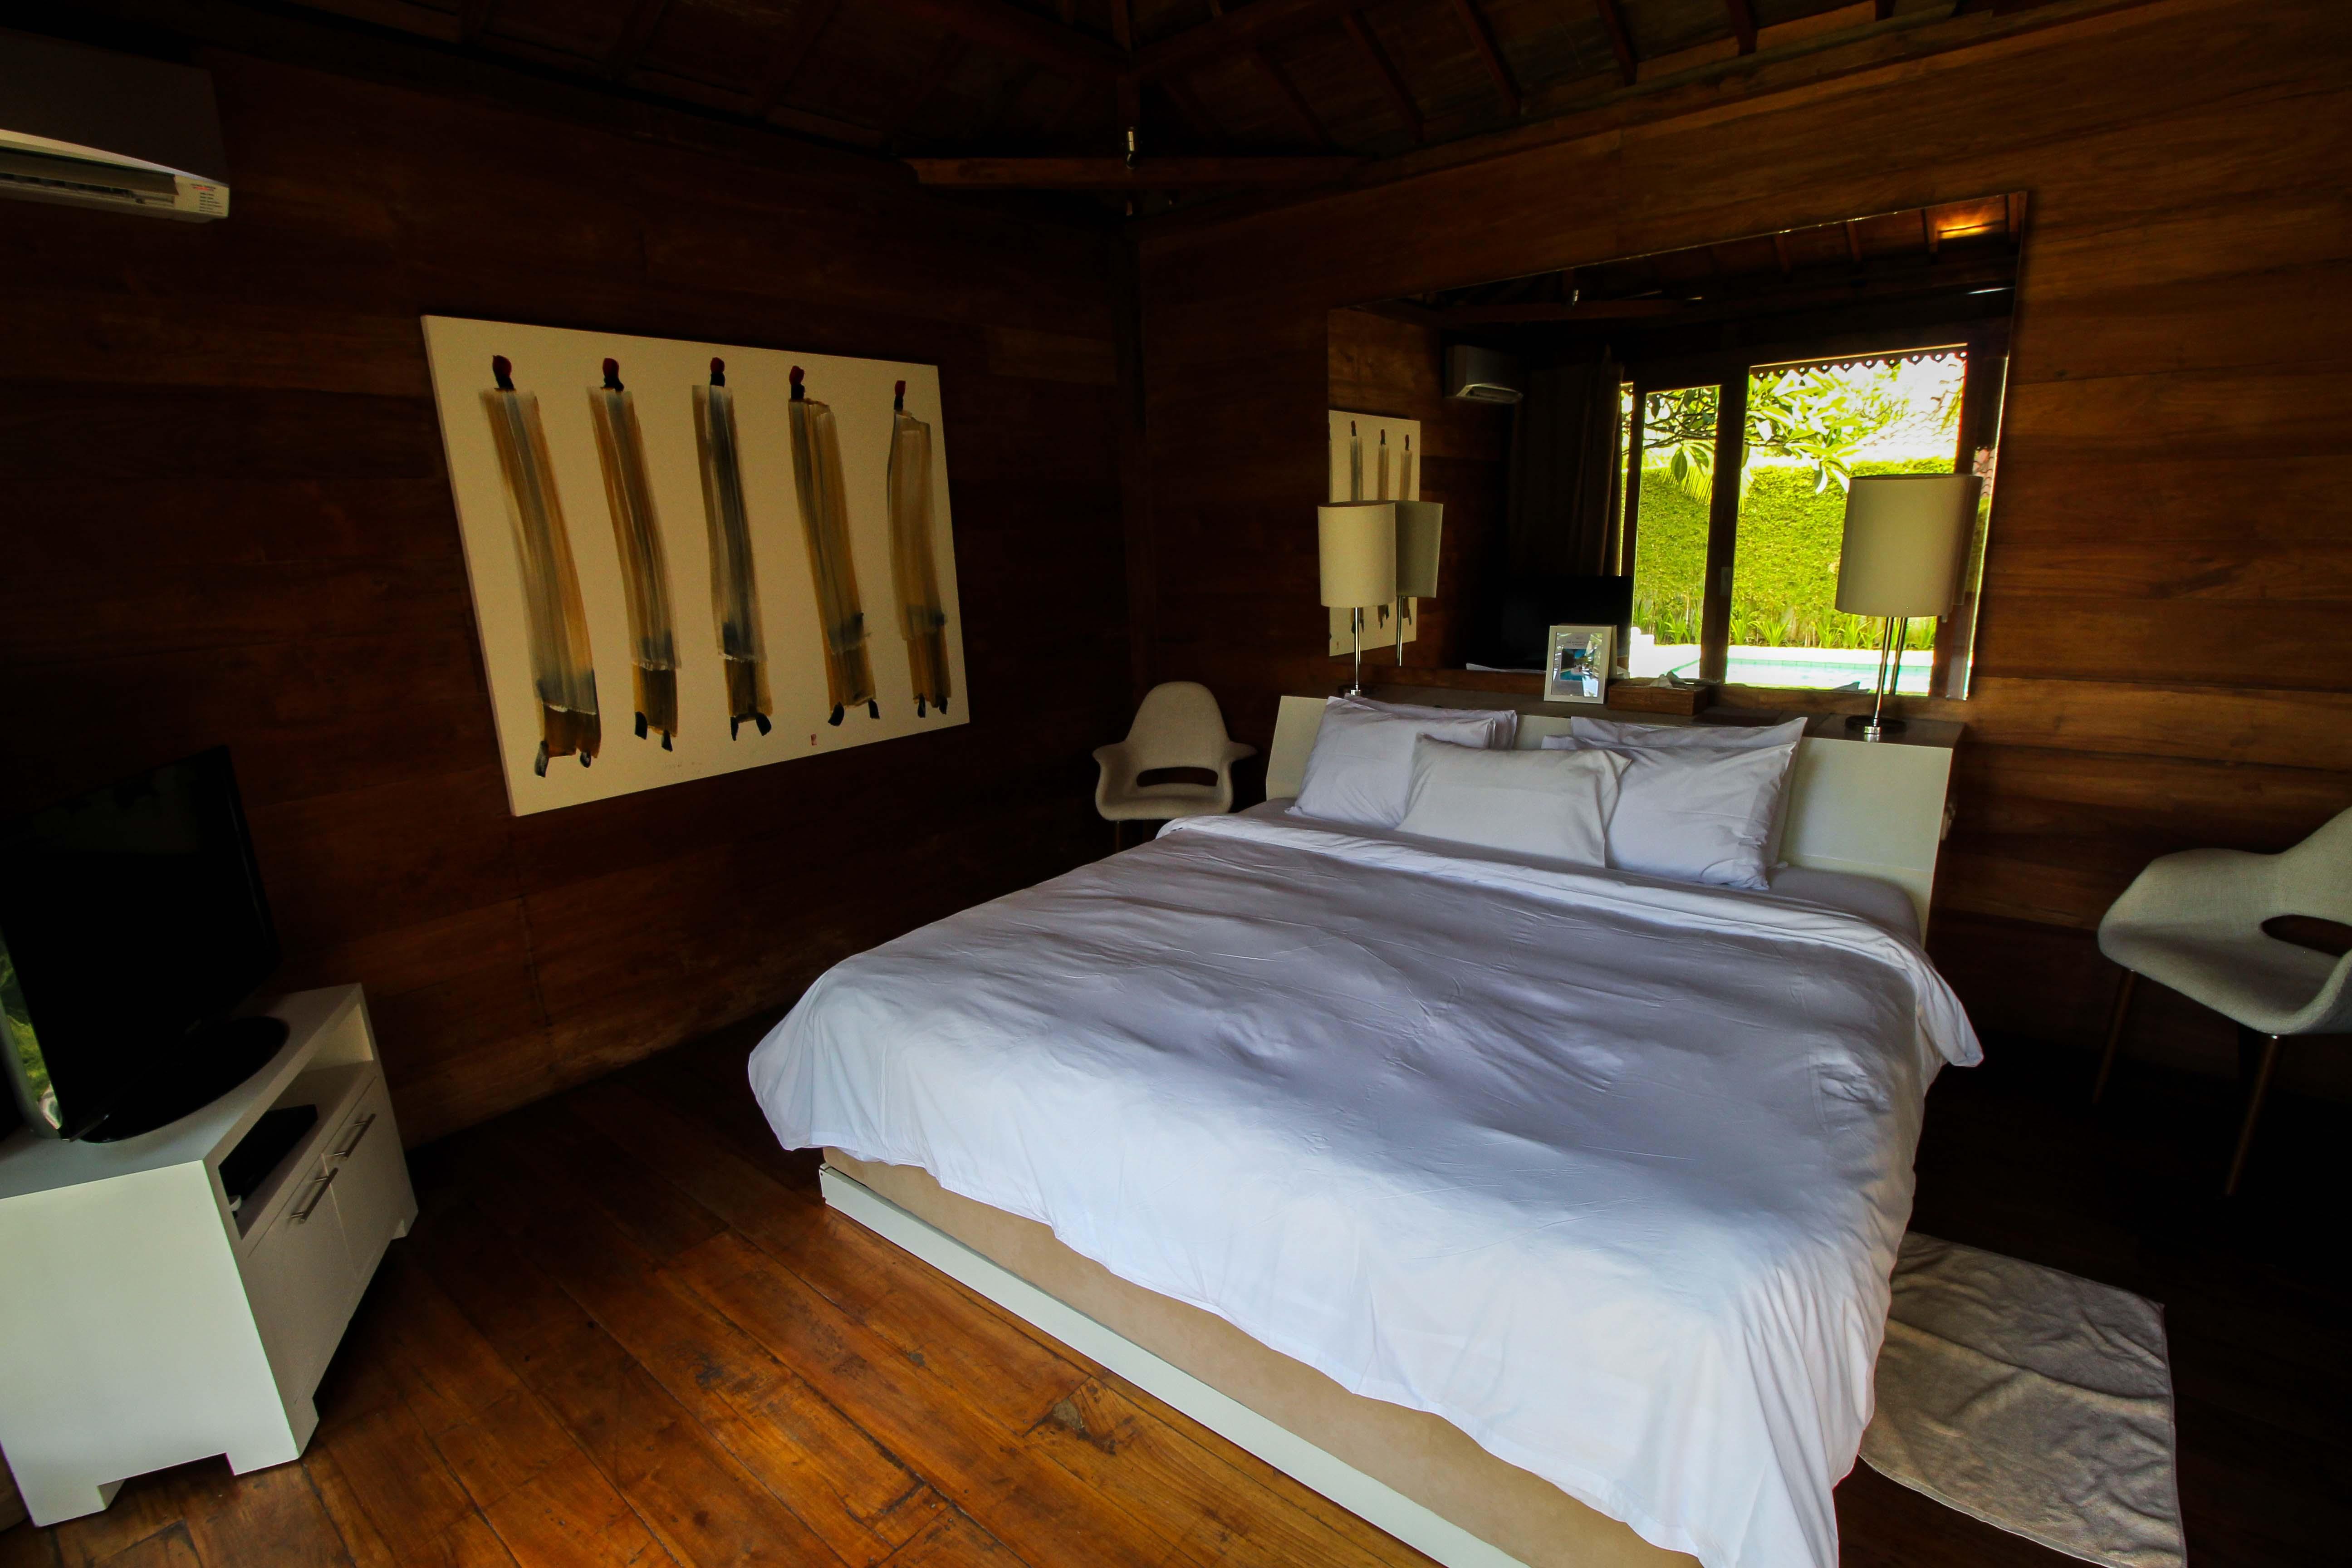 Sahana Villas Seminyak Poolvilla 3 Bedroom Seminyak Bali Luxusvilla mieten Schlafzimmer Reiseblogger